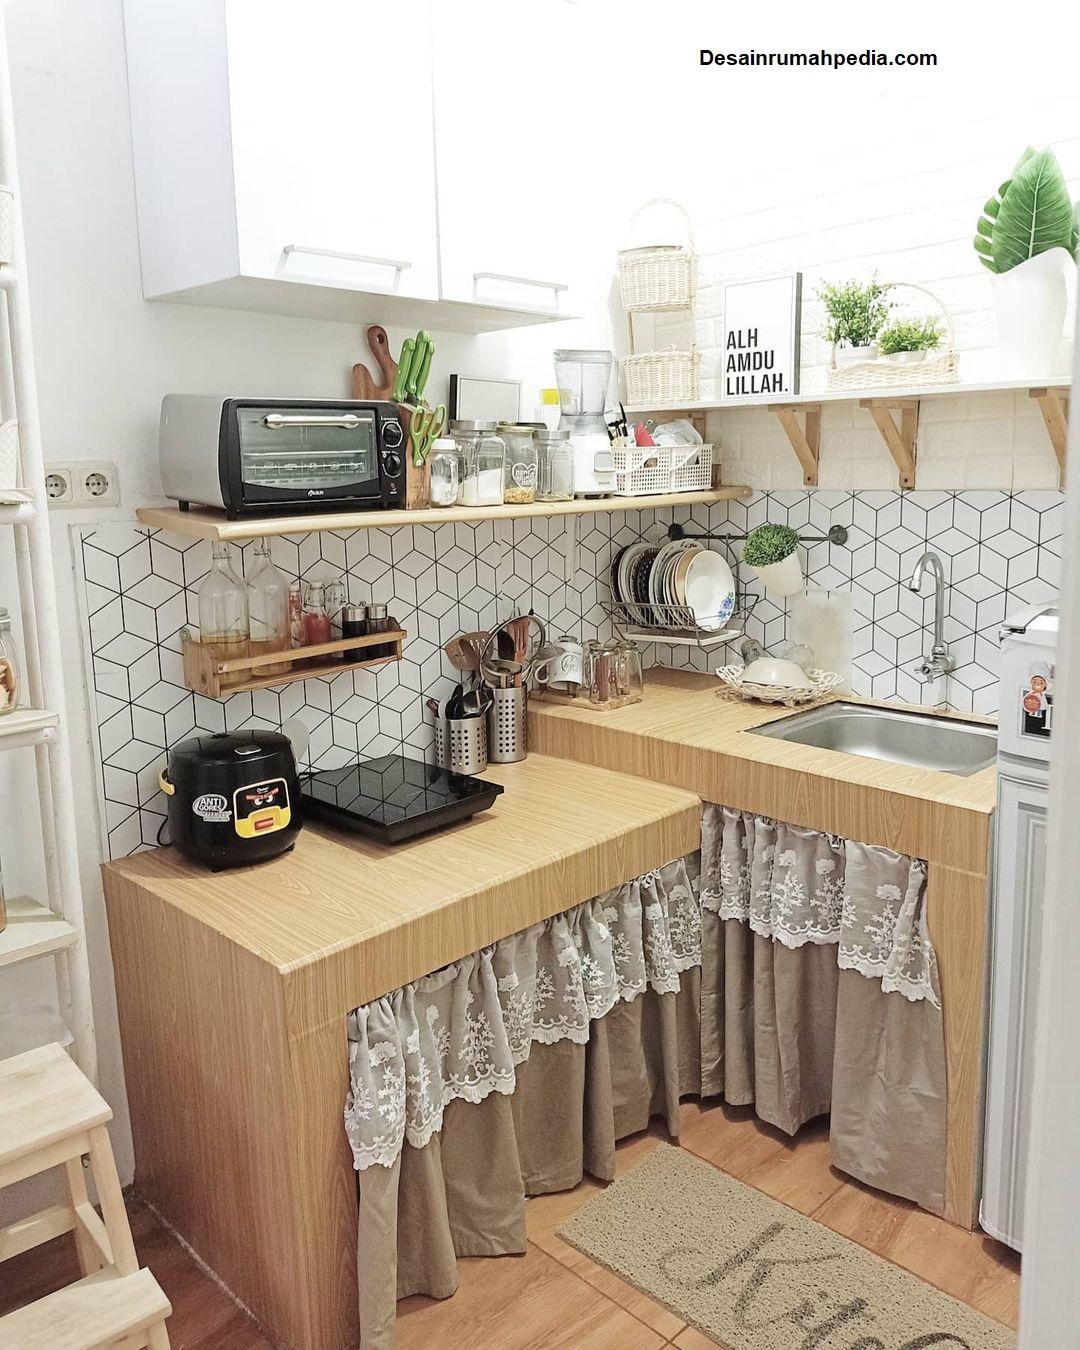 Desain Dapur Minimalis Ukuran 1 X 1 Khusus Untuk Rumah Type 36 Desainrumahpedia Com Inspirasi Desain Rumah Minimalis Modern